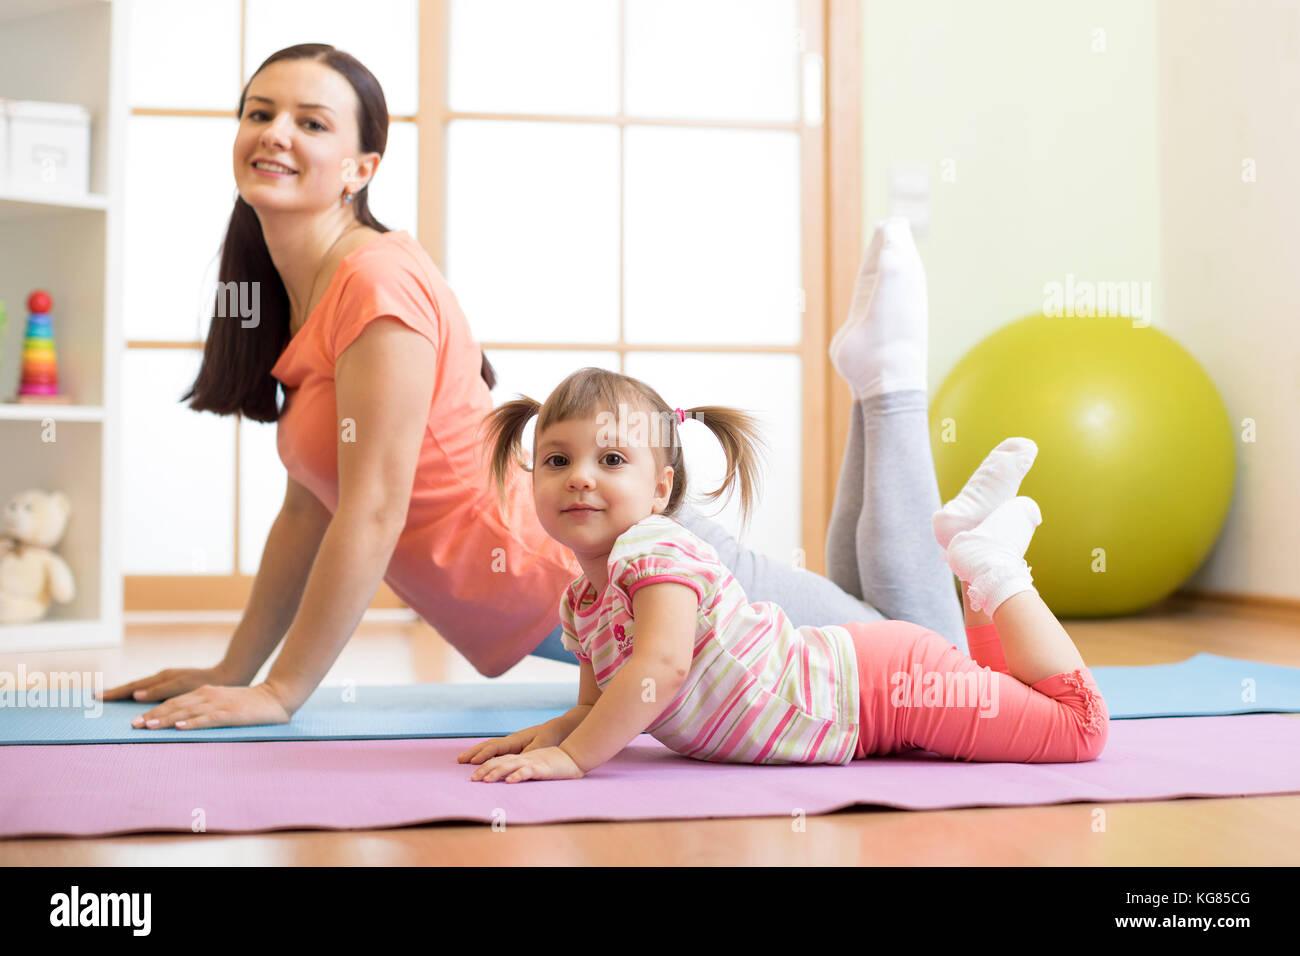 Mutter Und Kind Tochter Yoga Ubungen Auf Dem Boden Im Zimmer Zu